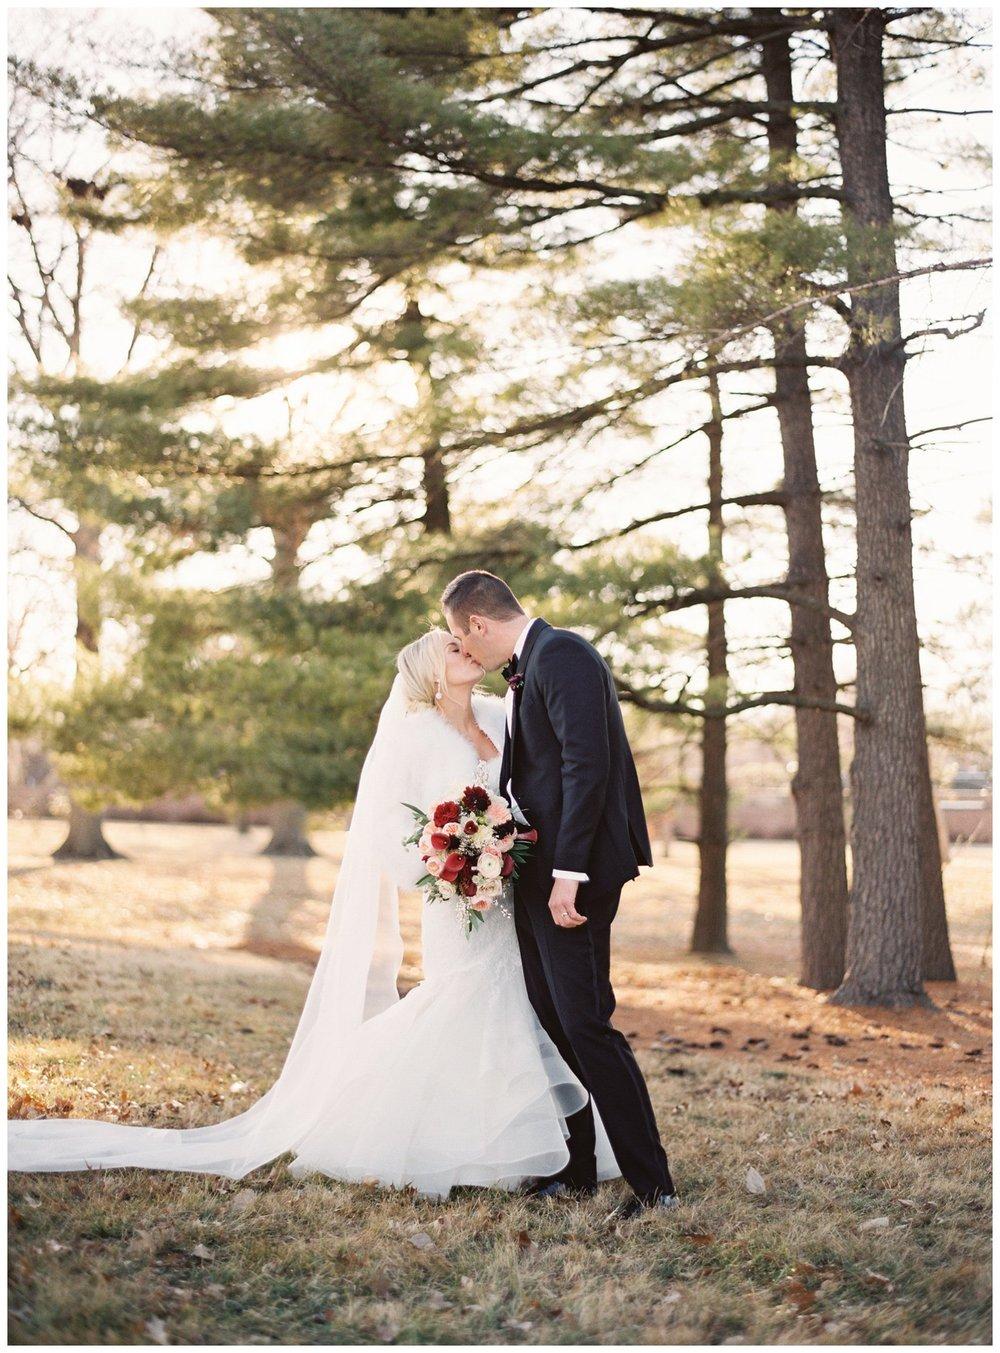 lauren muckler photography_fine art film wedding photography_st louis_photography_1362.jpg